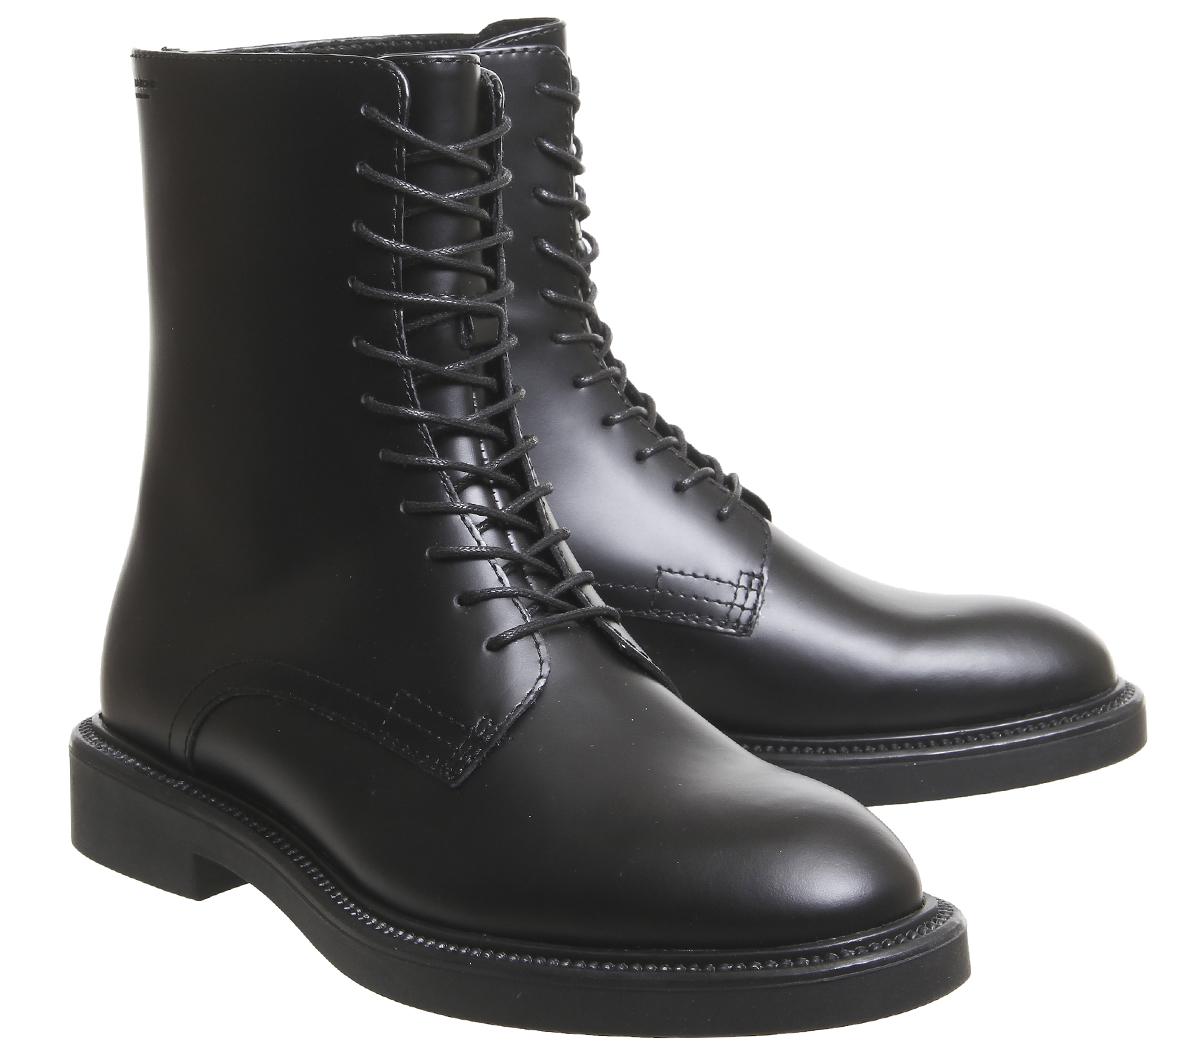 6762b4d350d Details about Womens Vagabond Alex Lace Boots Hi Black Polished Leather  Boots